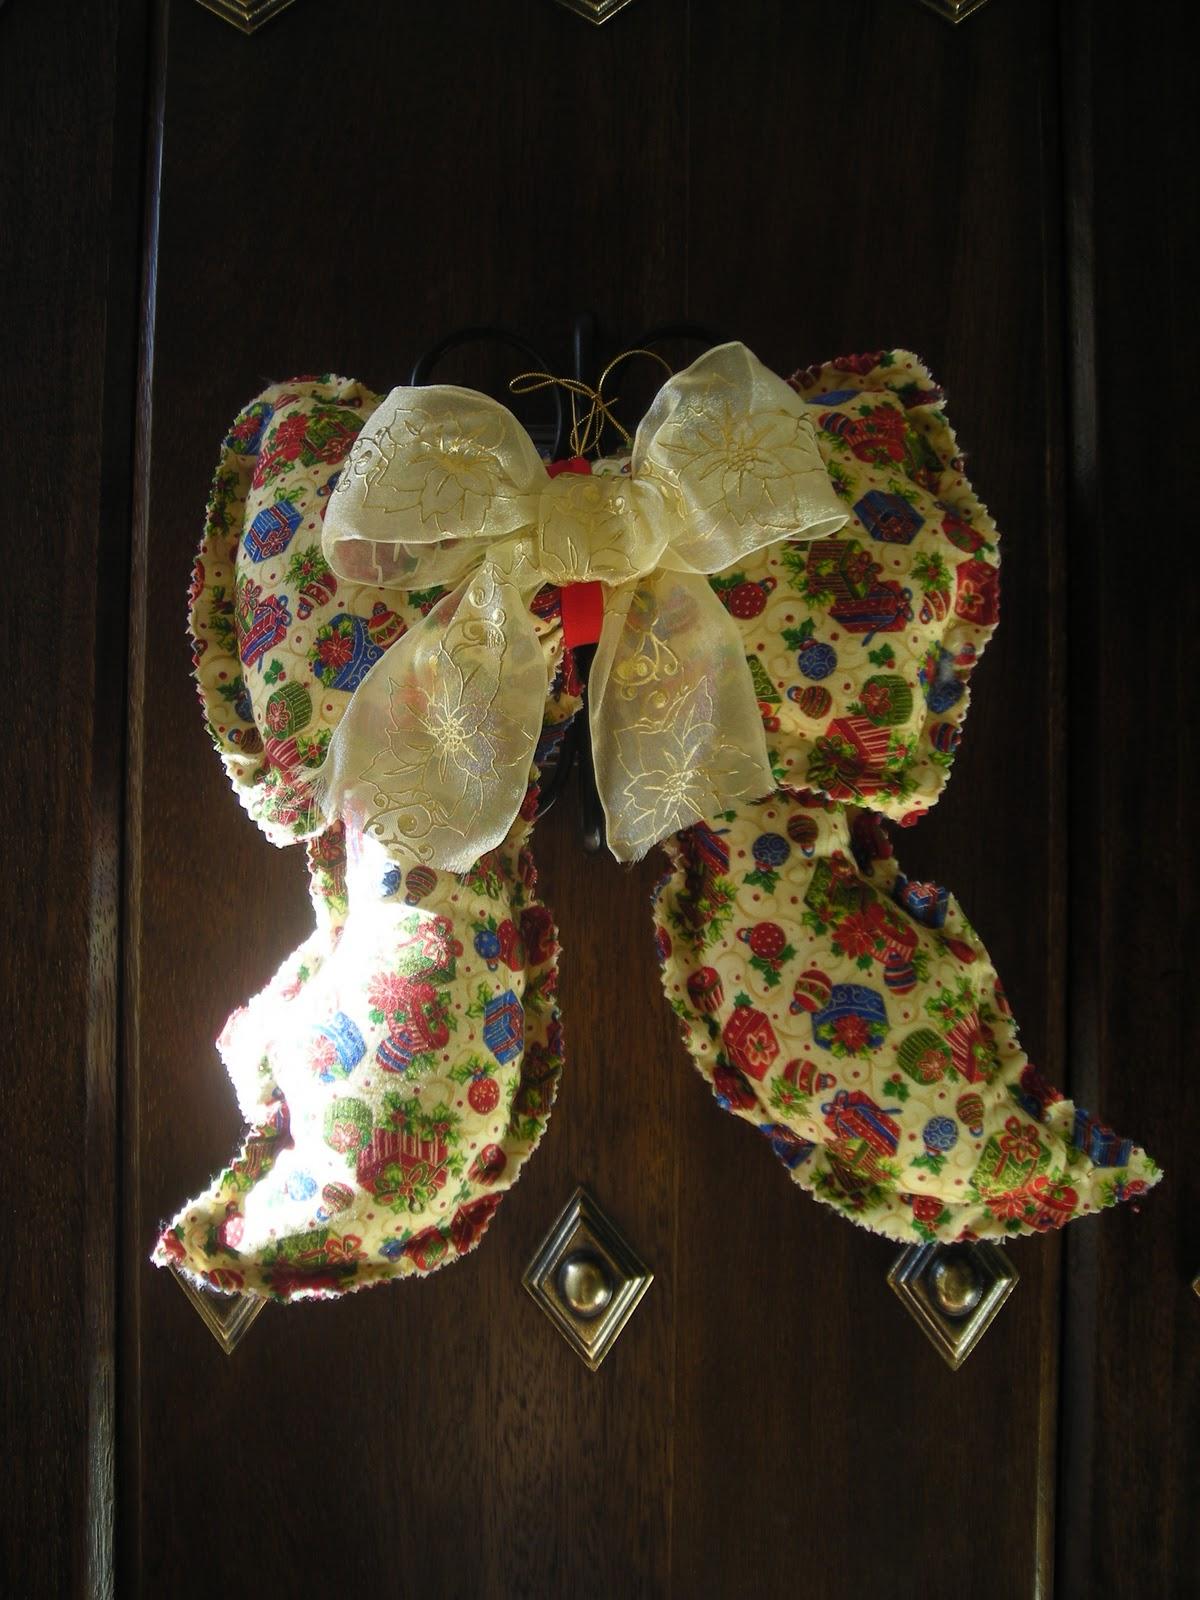 Manualidades yfp articulos de navidad for Productos de navidad